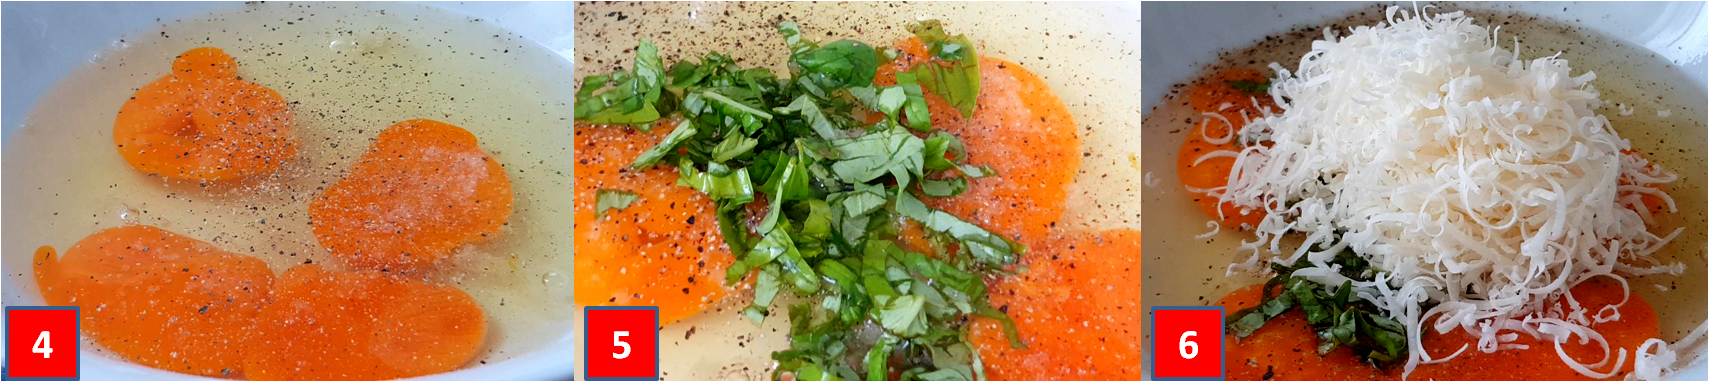 Ricetta passo passo torta salata di asparagi e crescenza1